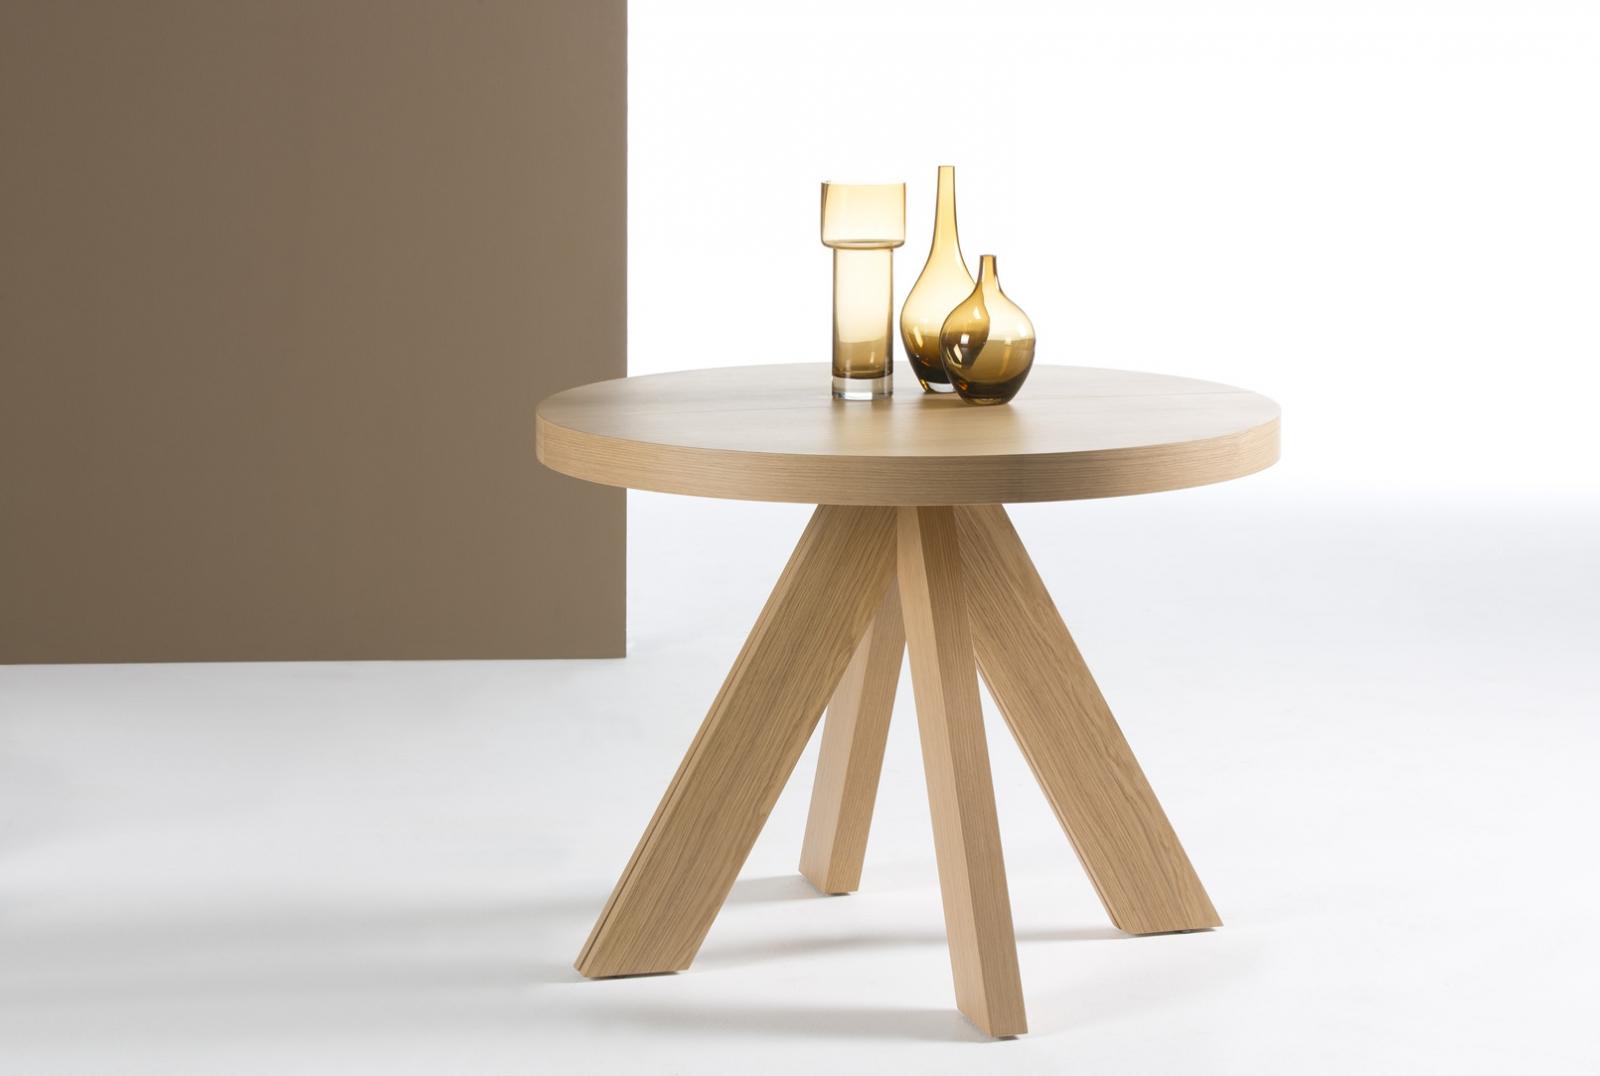 mesa redonda patas curvas extensible dise o moderno